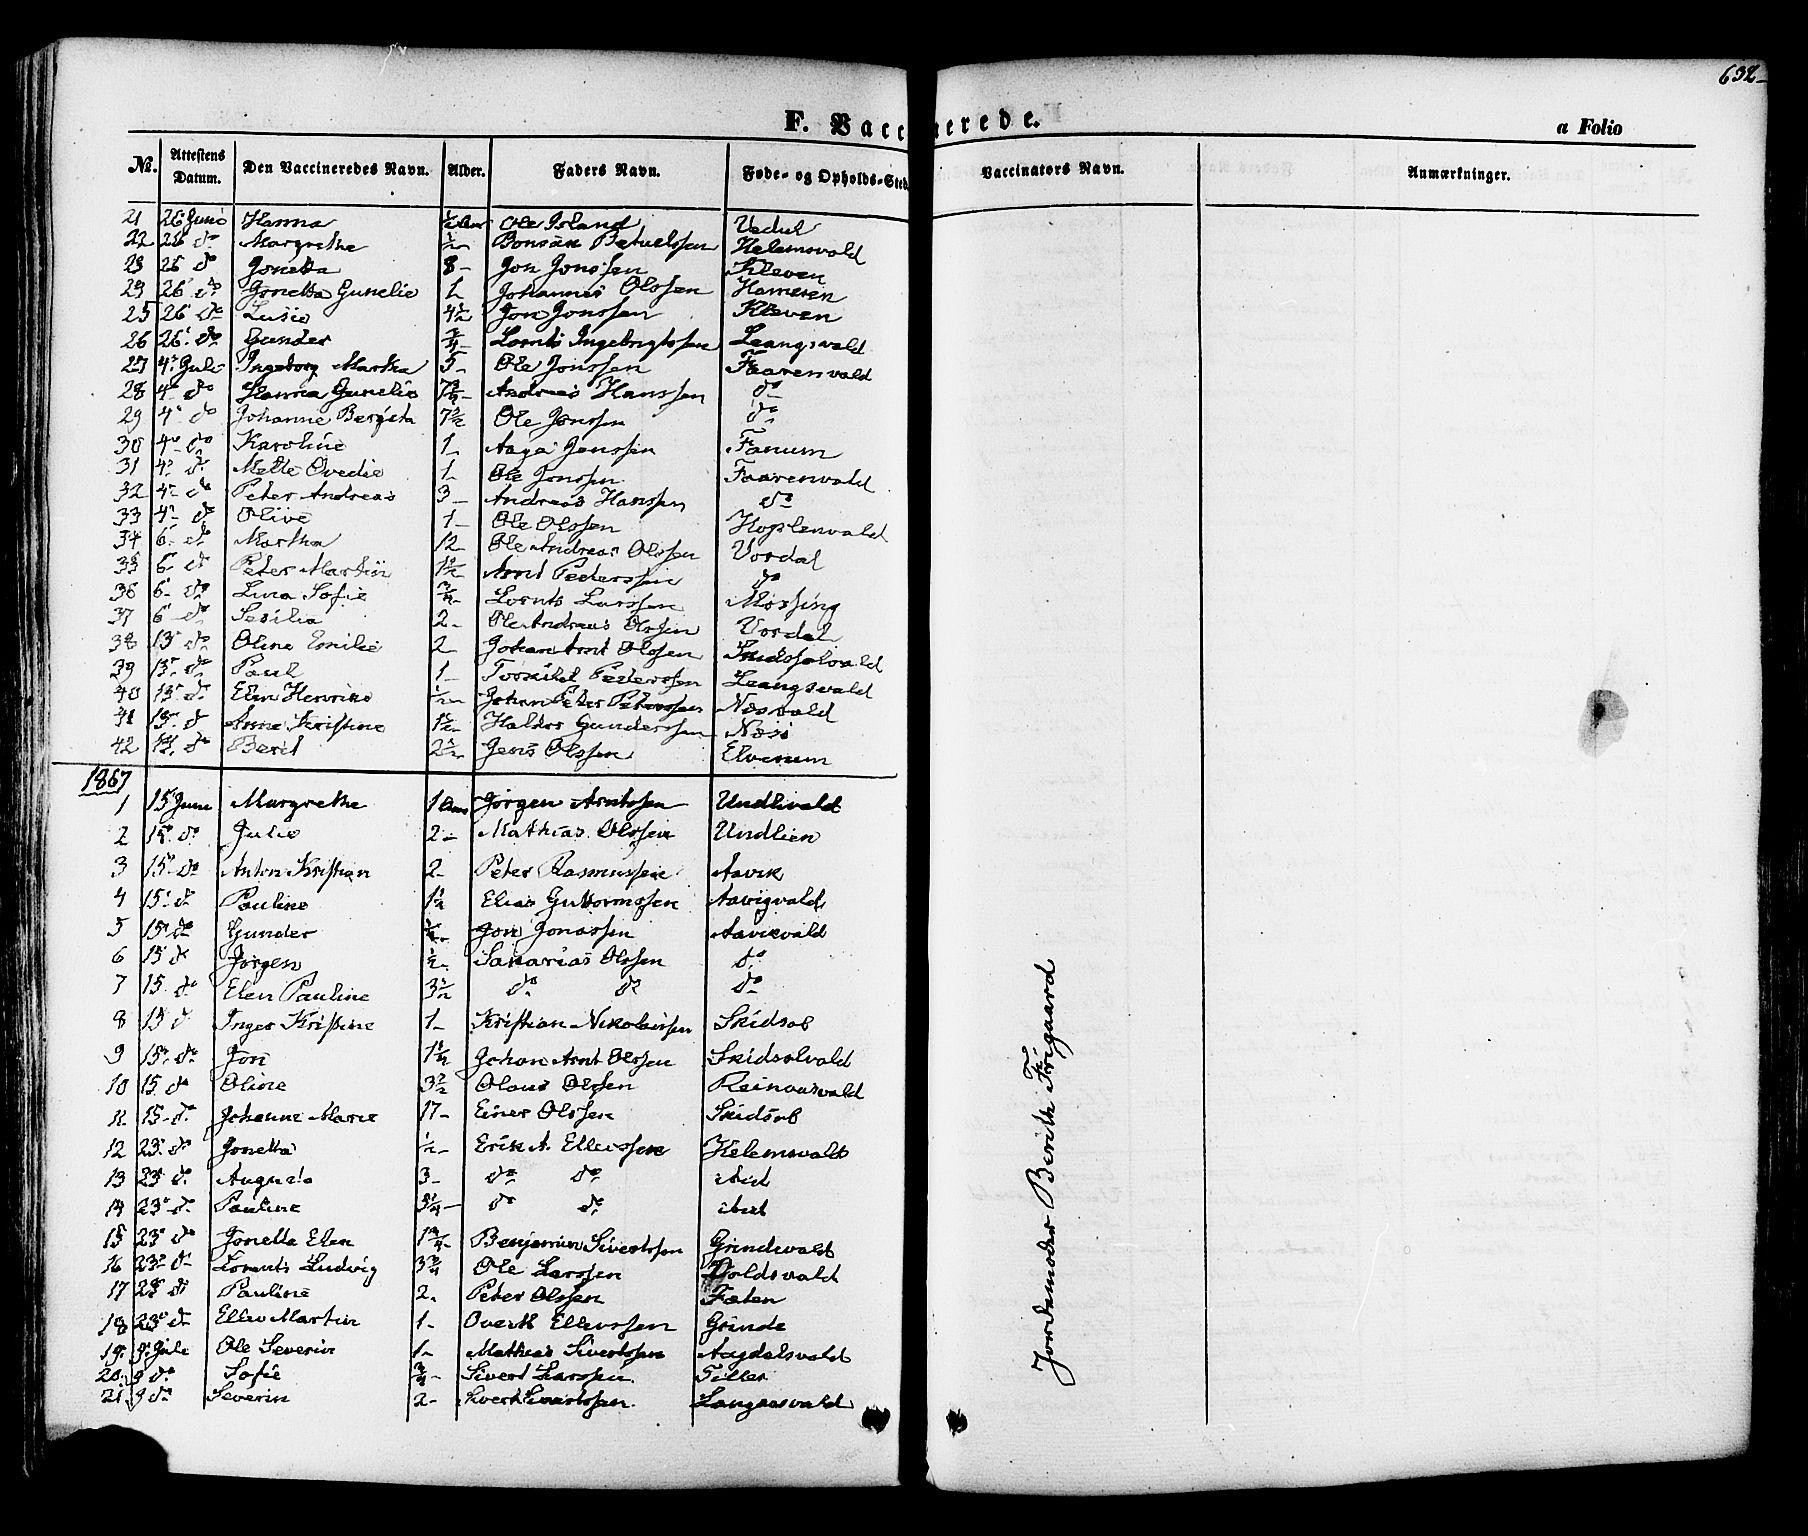 SAT, Ministerialprotokoller, klokkerbøker og fødselsregistre - Nord-Trøndelag, 713/L0116: Ministerialbok nr. 713A07 /1, 1850-1877, s. 632